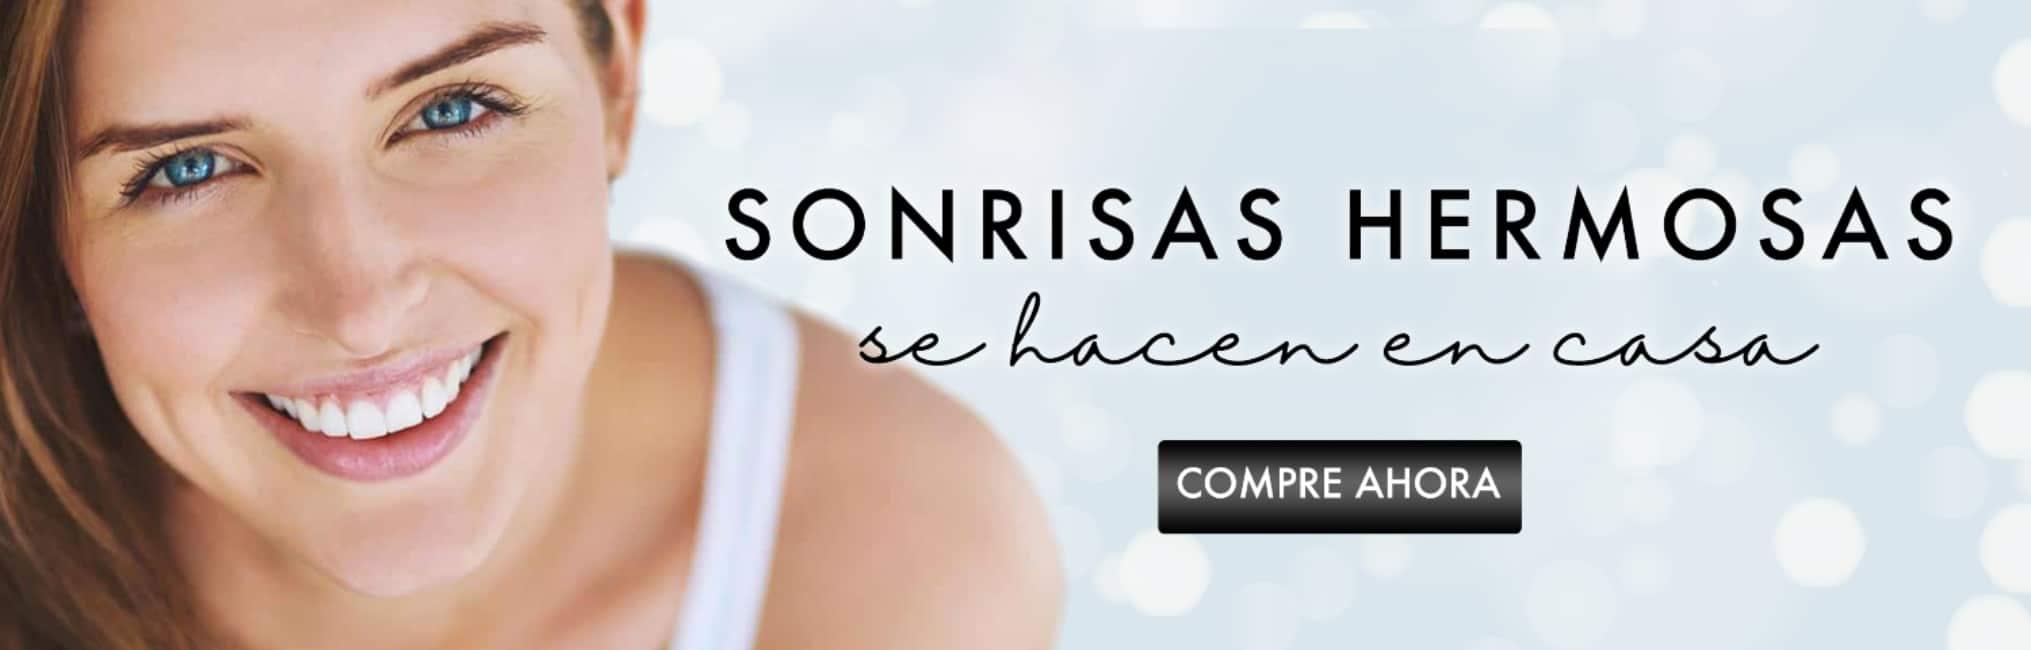 España Crest Whitestrips blanqueamiento dental